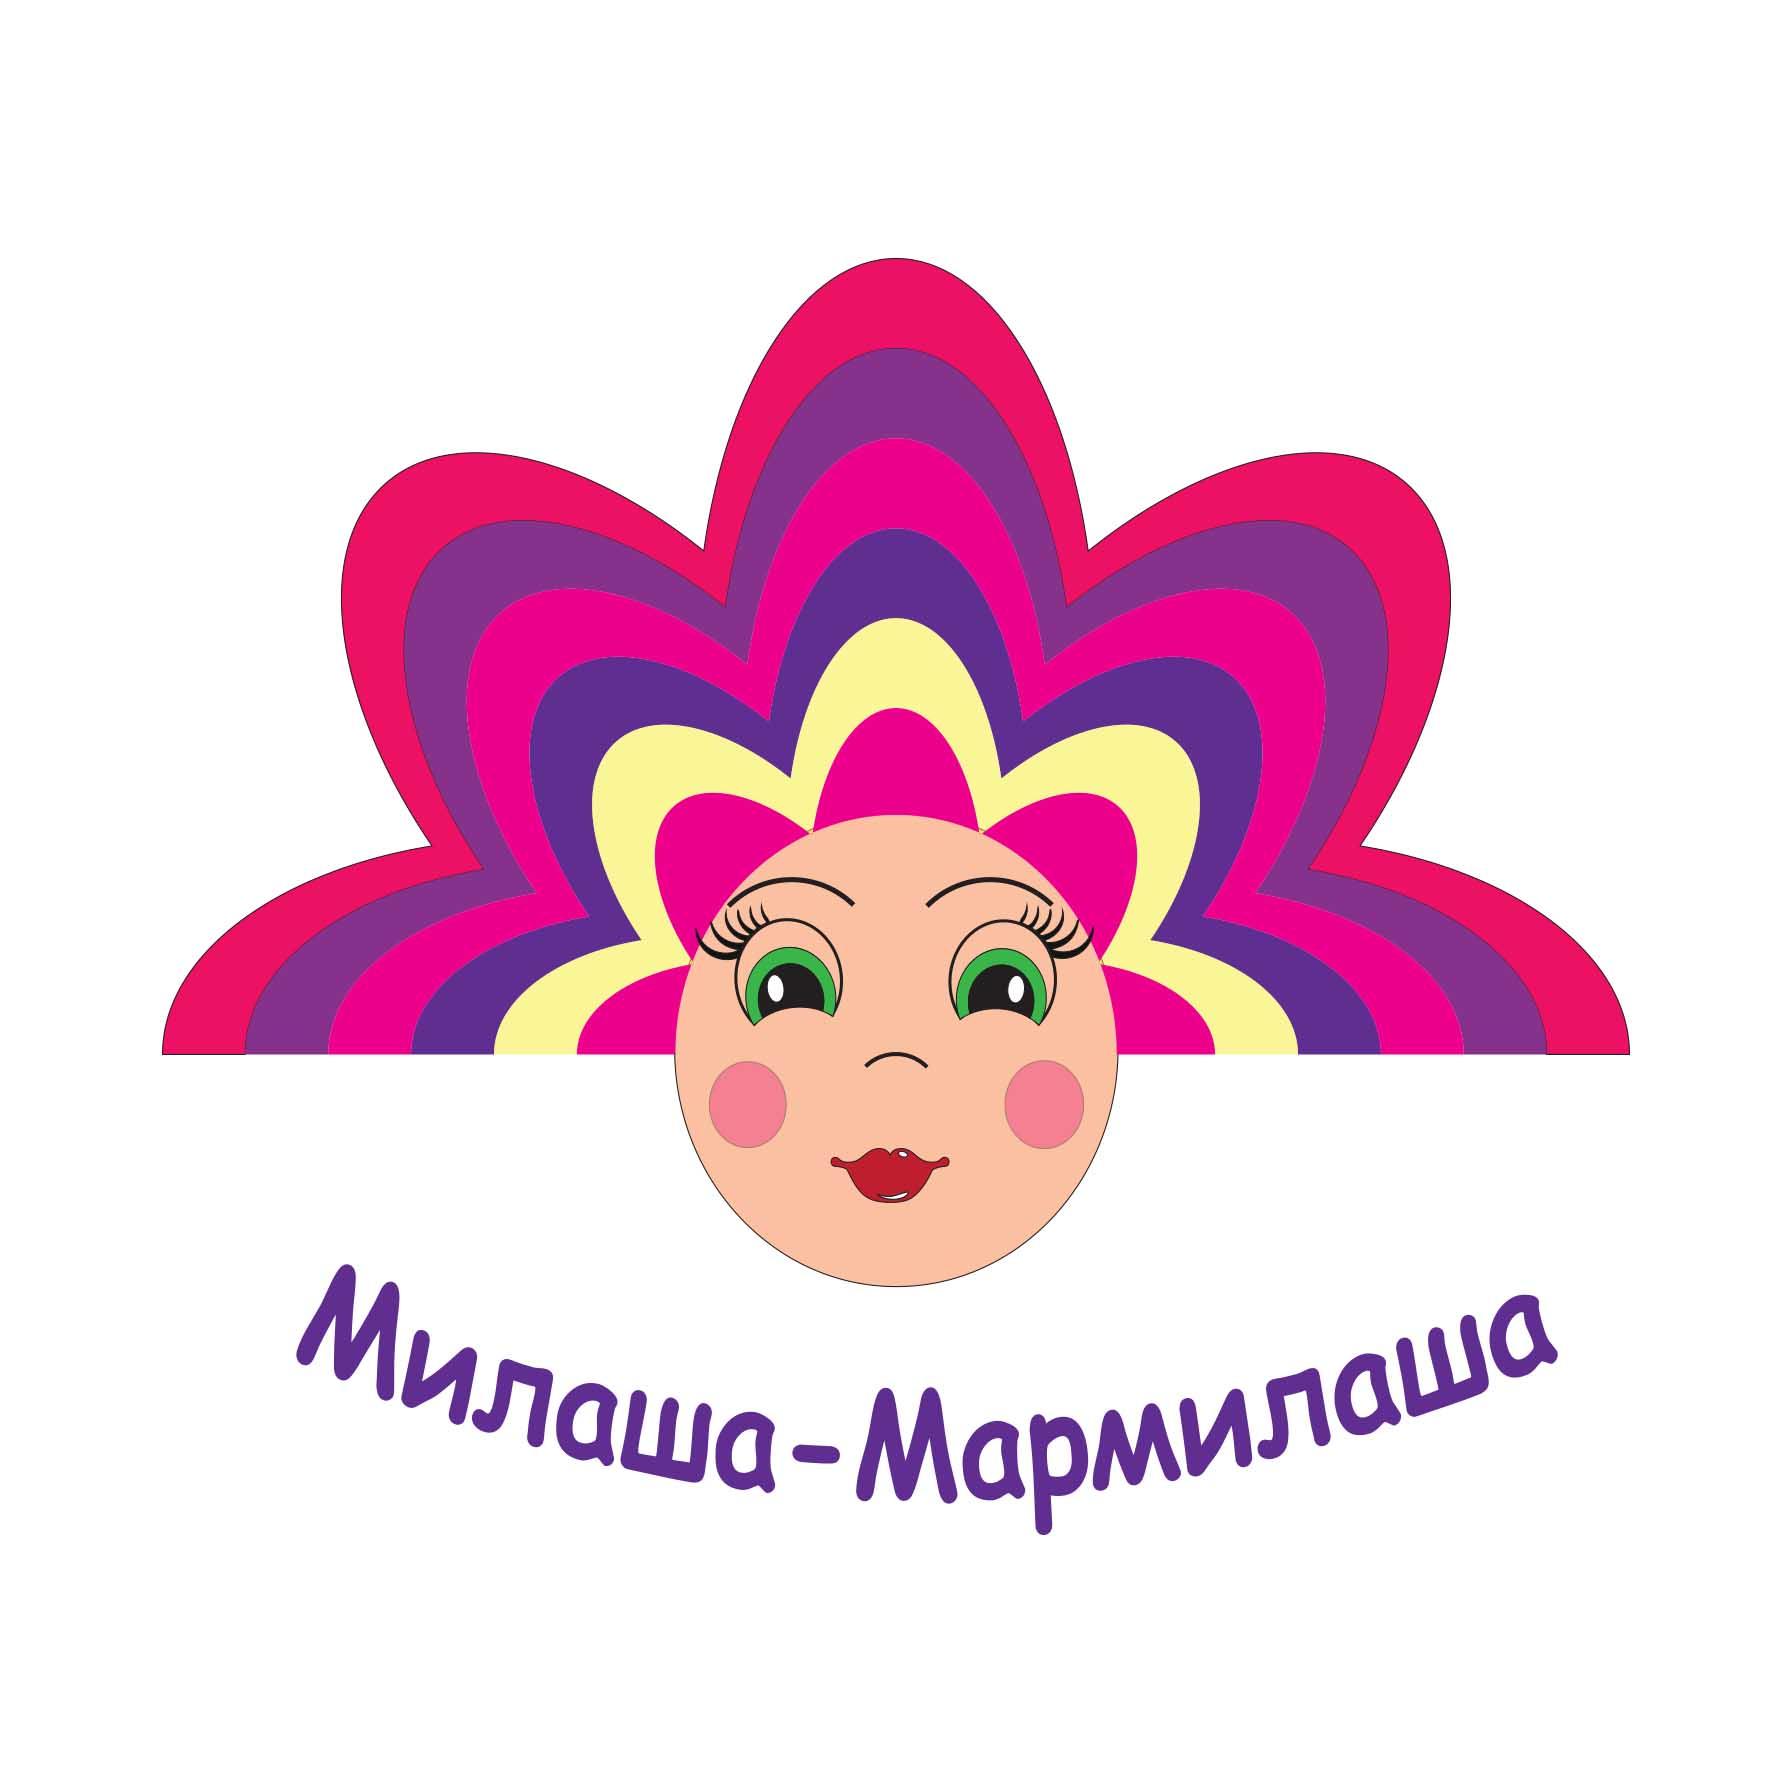 """Логотип для товарного знака """"Милаша-Мармилаша"""" фото f_8065876302d54dce.jpg"""